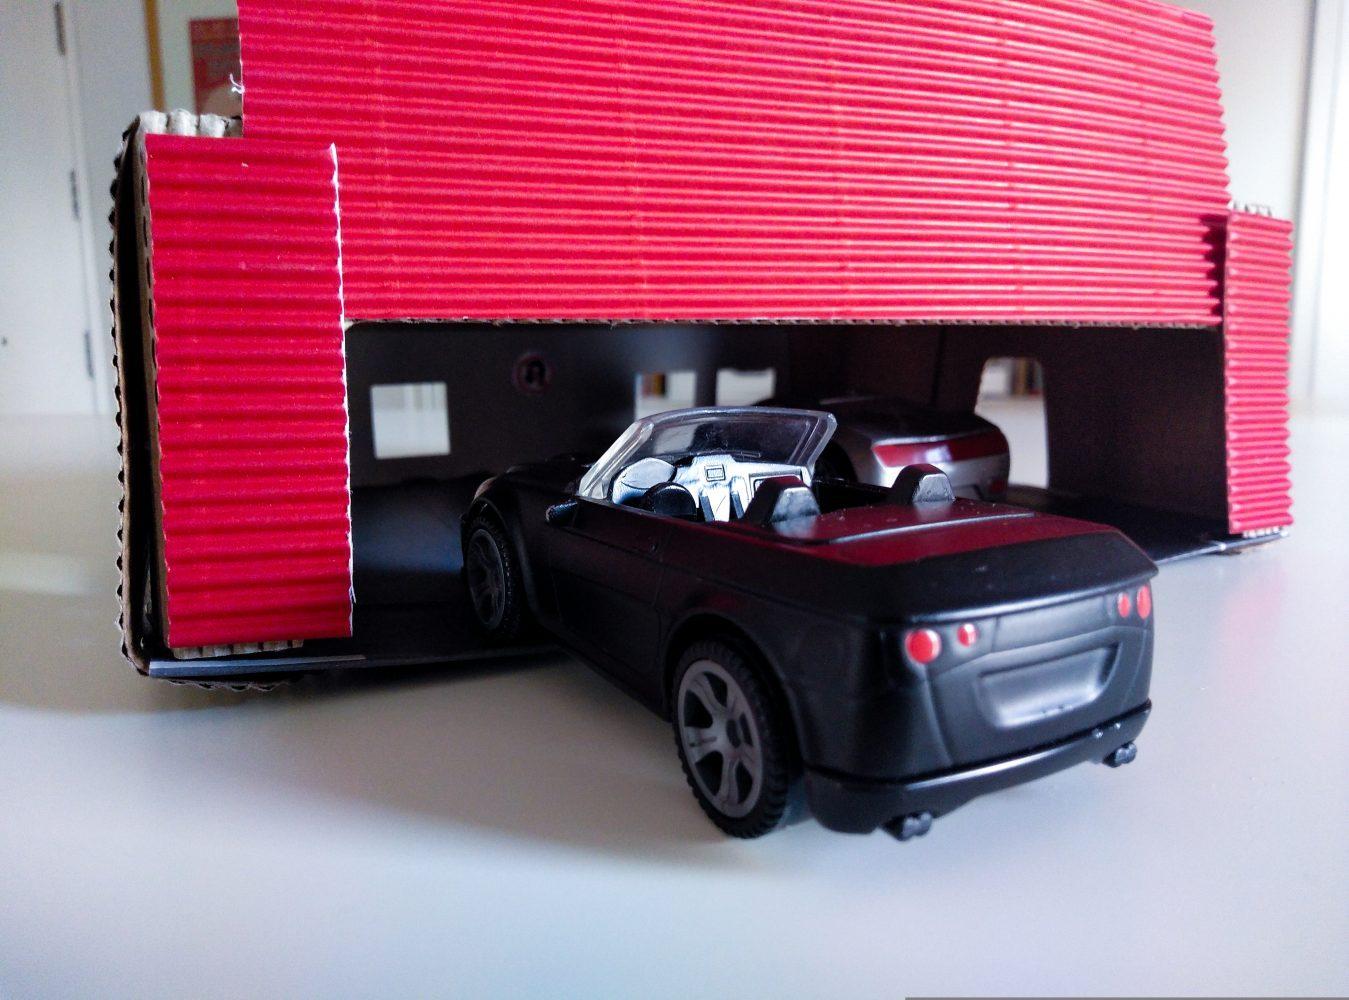 Garaje para coches de juguete dyi con una caja de huevos - Garaje de coches ...